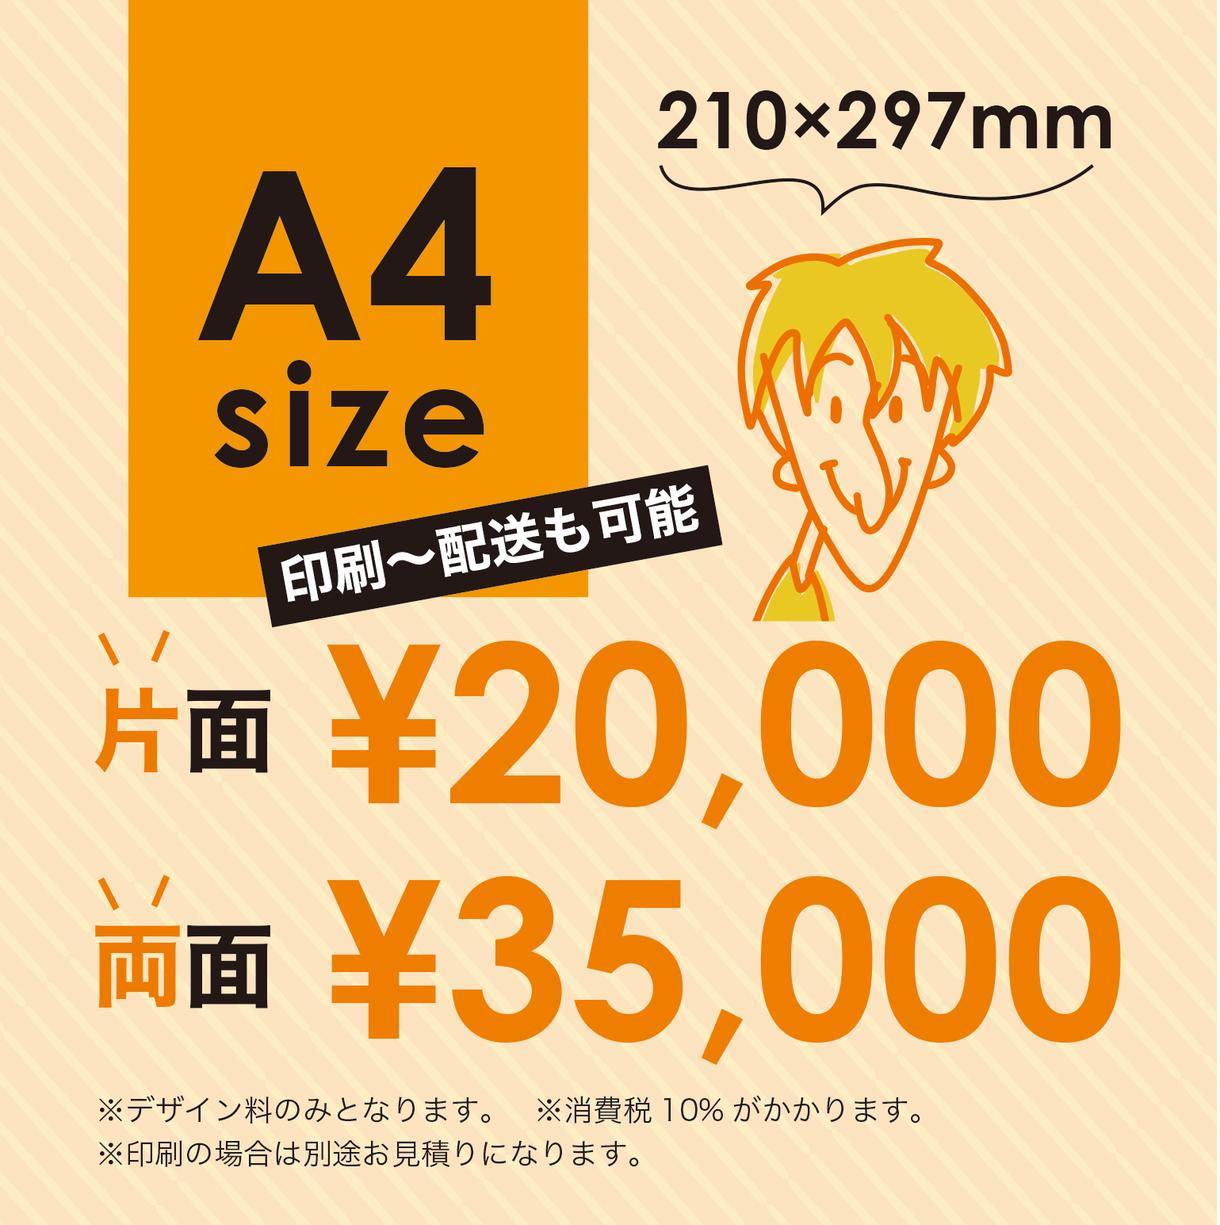 現役のプロがあなたの想いをチラシにします A4サイズのチラシをあなたに合ったデザインで提供します。 イメージ1